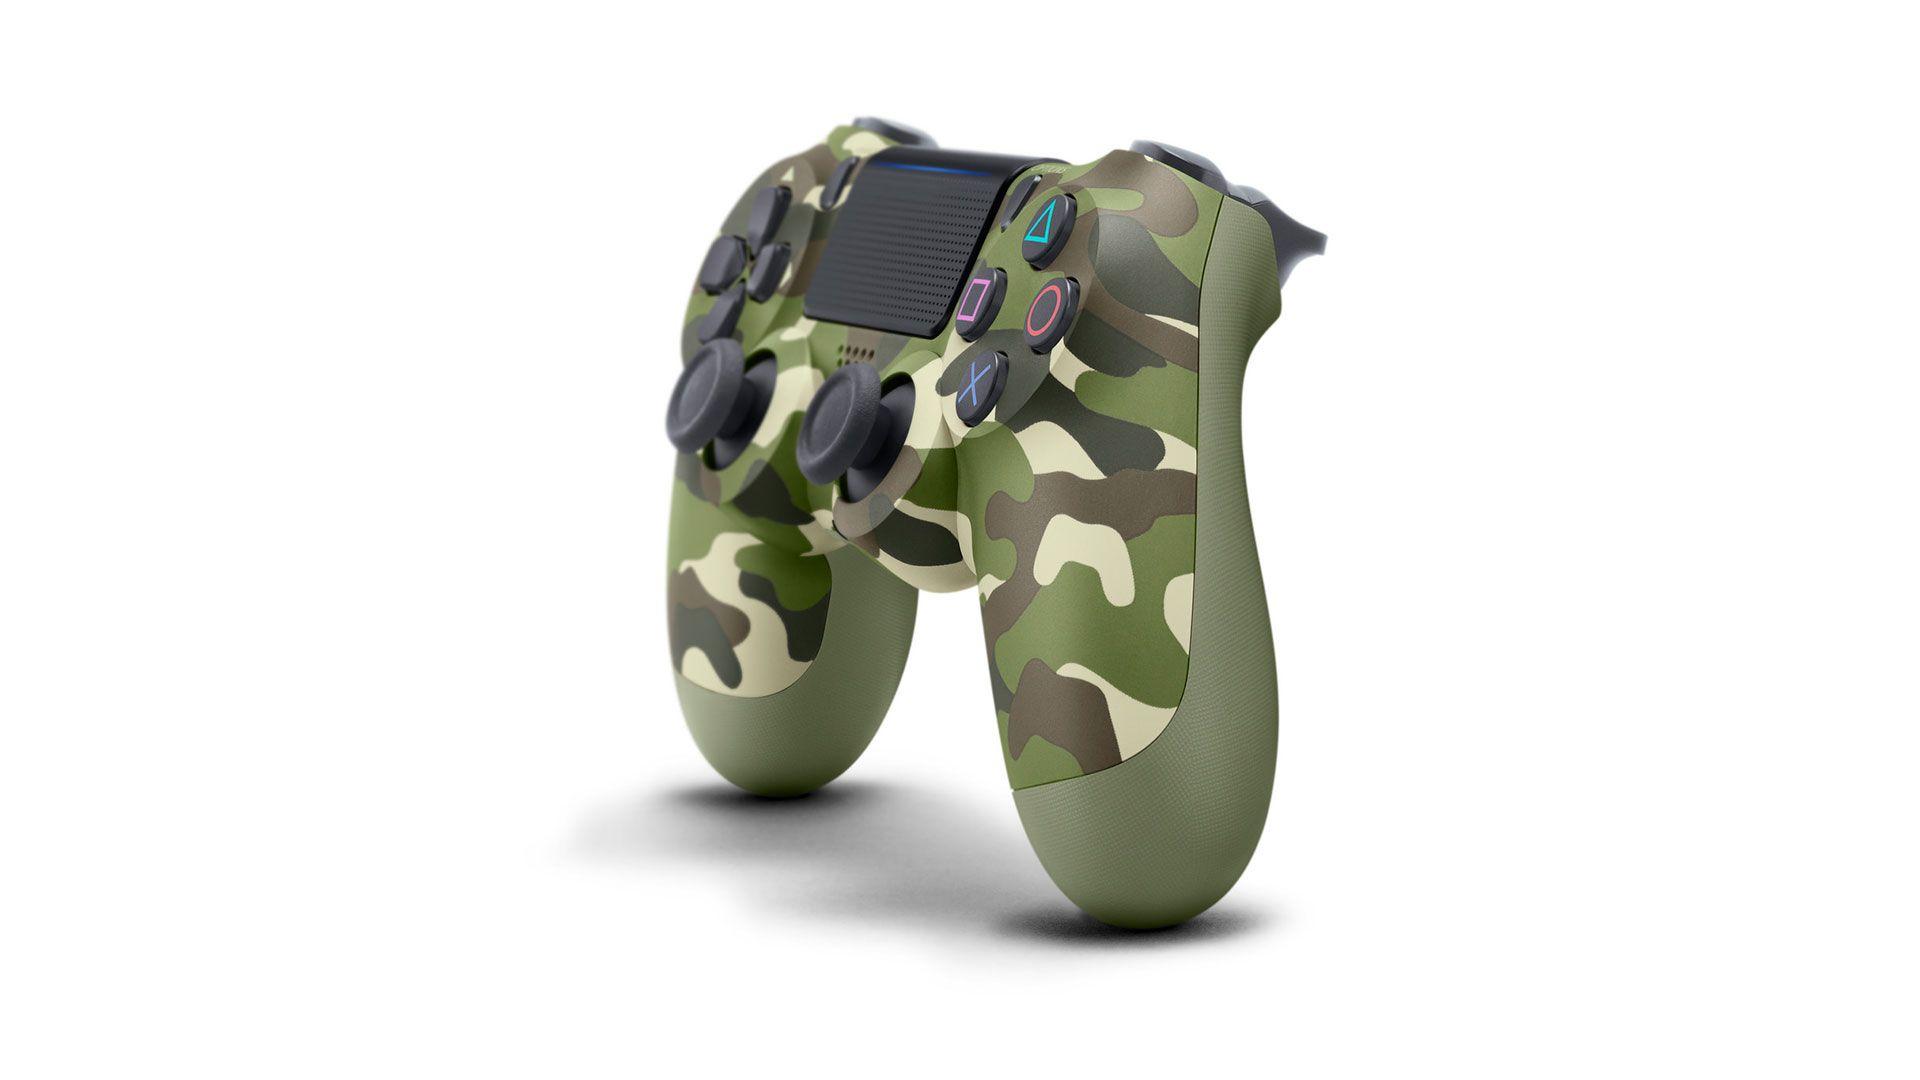 DualShock 4 зеленый камуфляж изображение 0